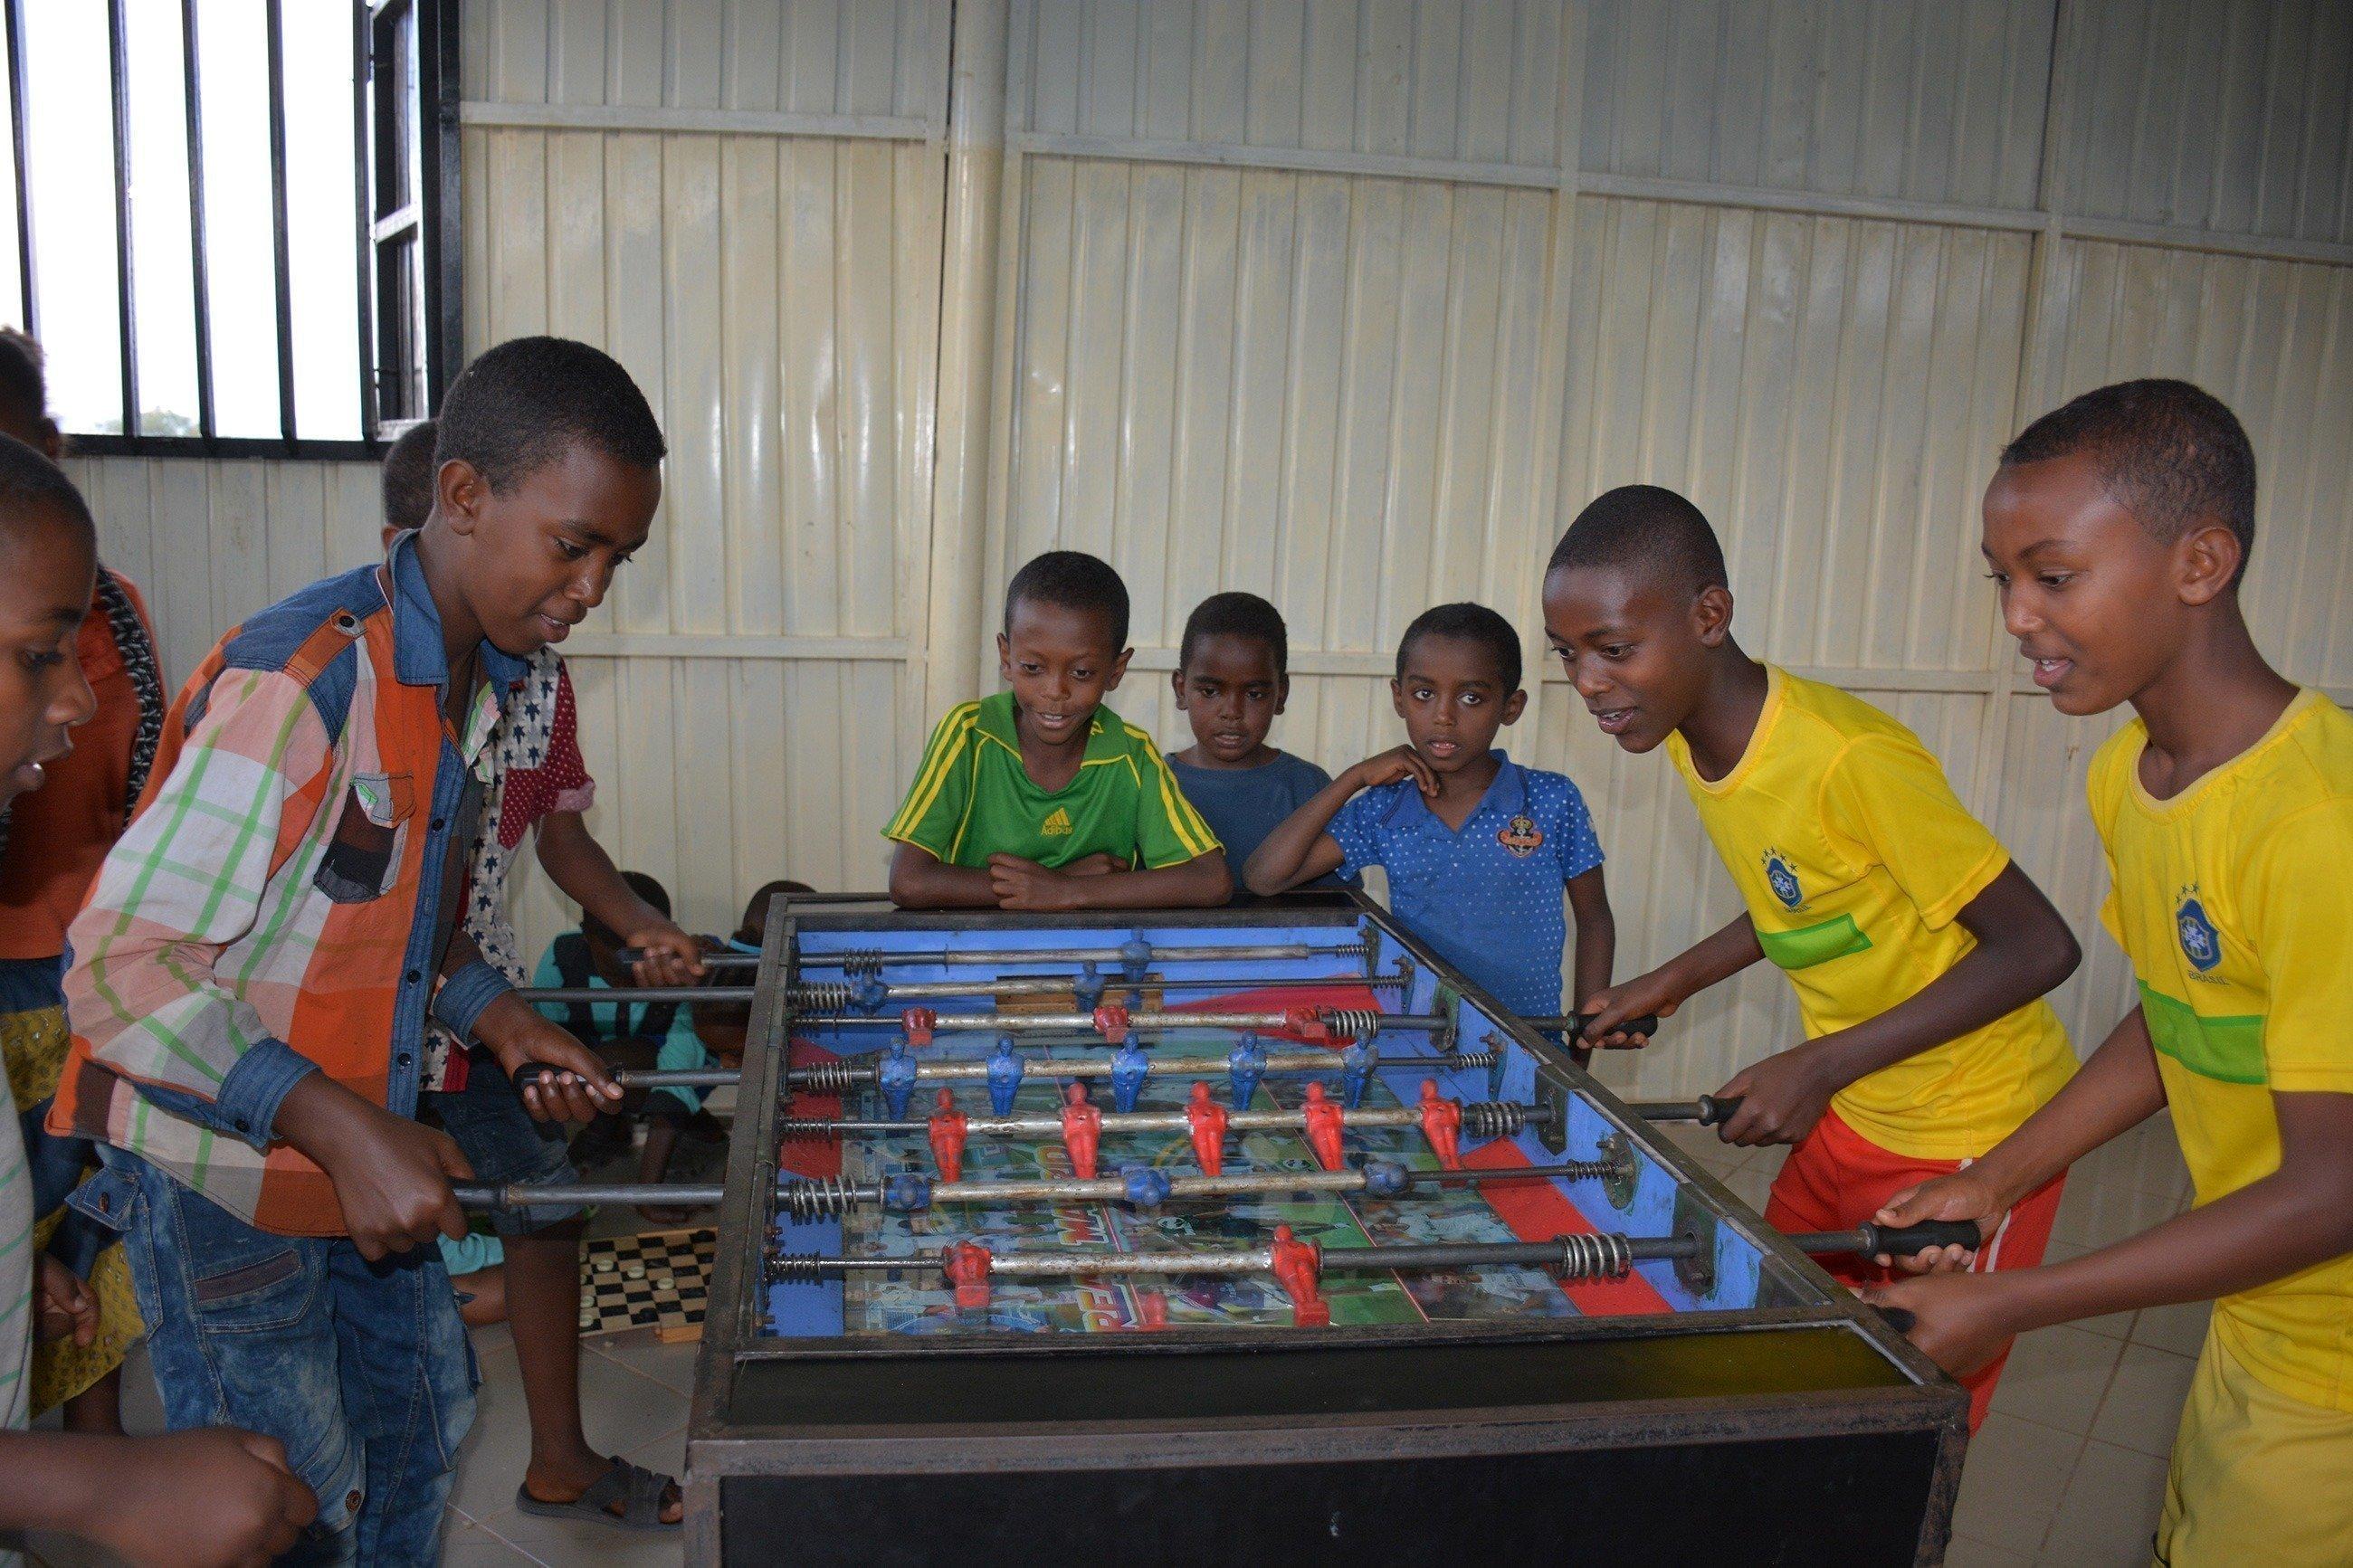 Eine Gruppe von Kinder beim spielen.